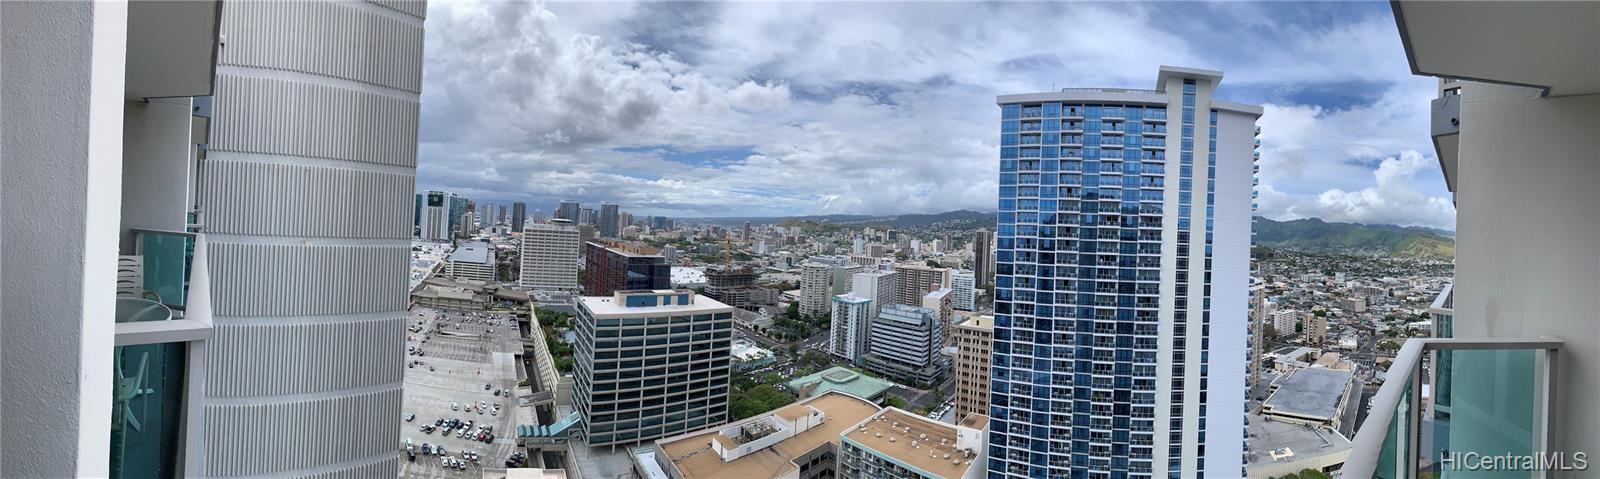 Honolulu Real Estate For Sale At Ala Moana Ala Moana Hotel Condo 410 Atkinson Drive Unit 3429 Honolulu 96814 202029899